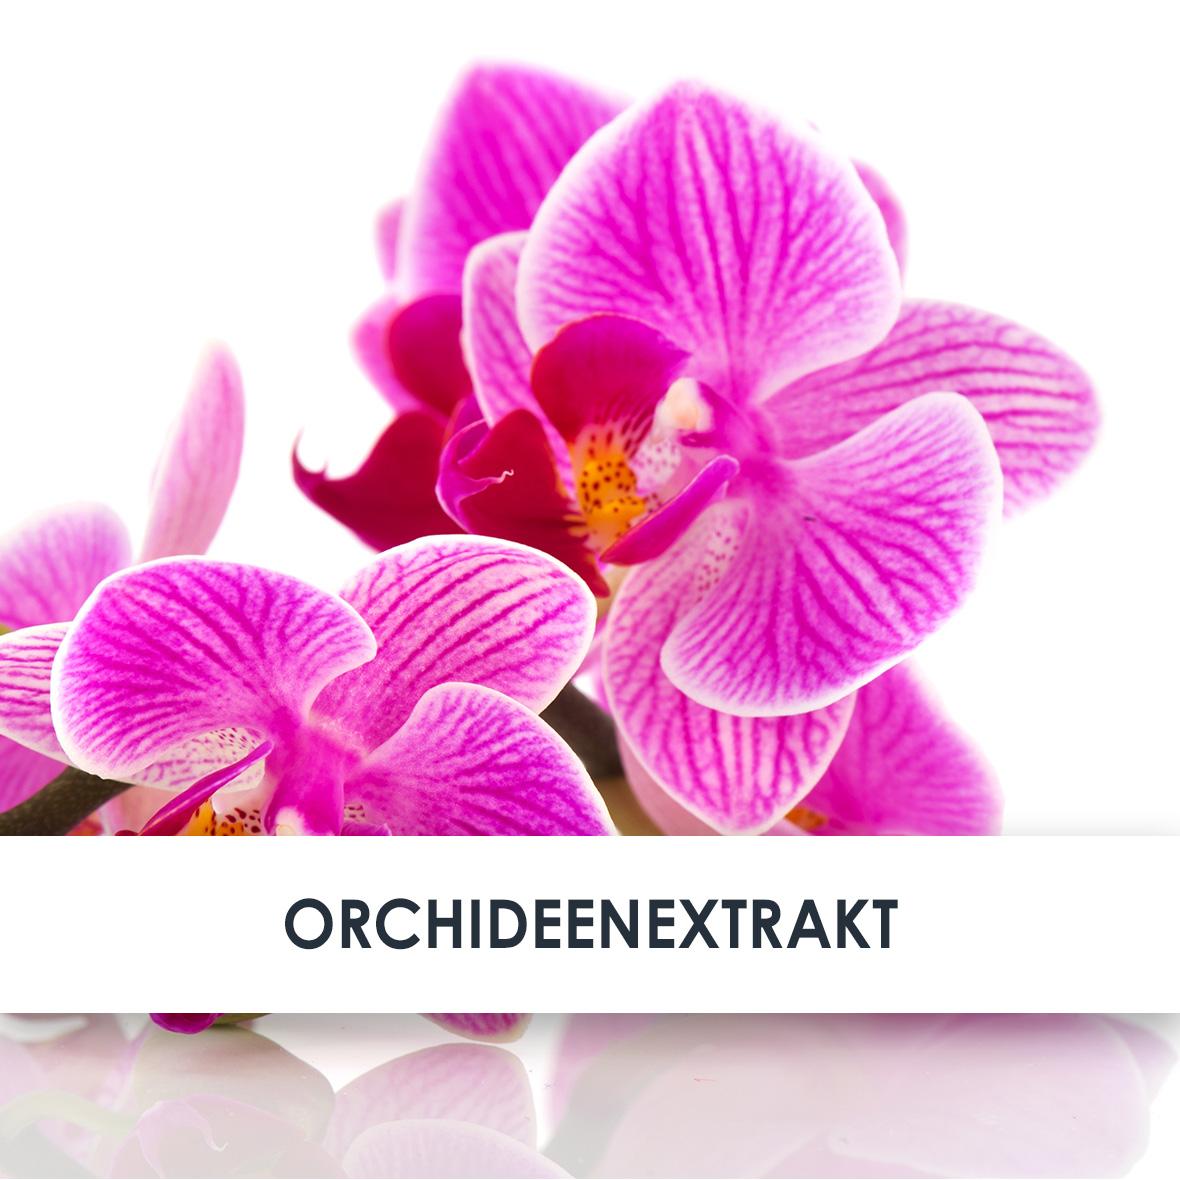 Wirkstoff Orchideenextrakt